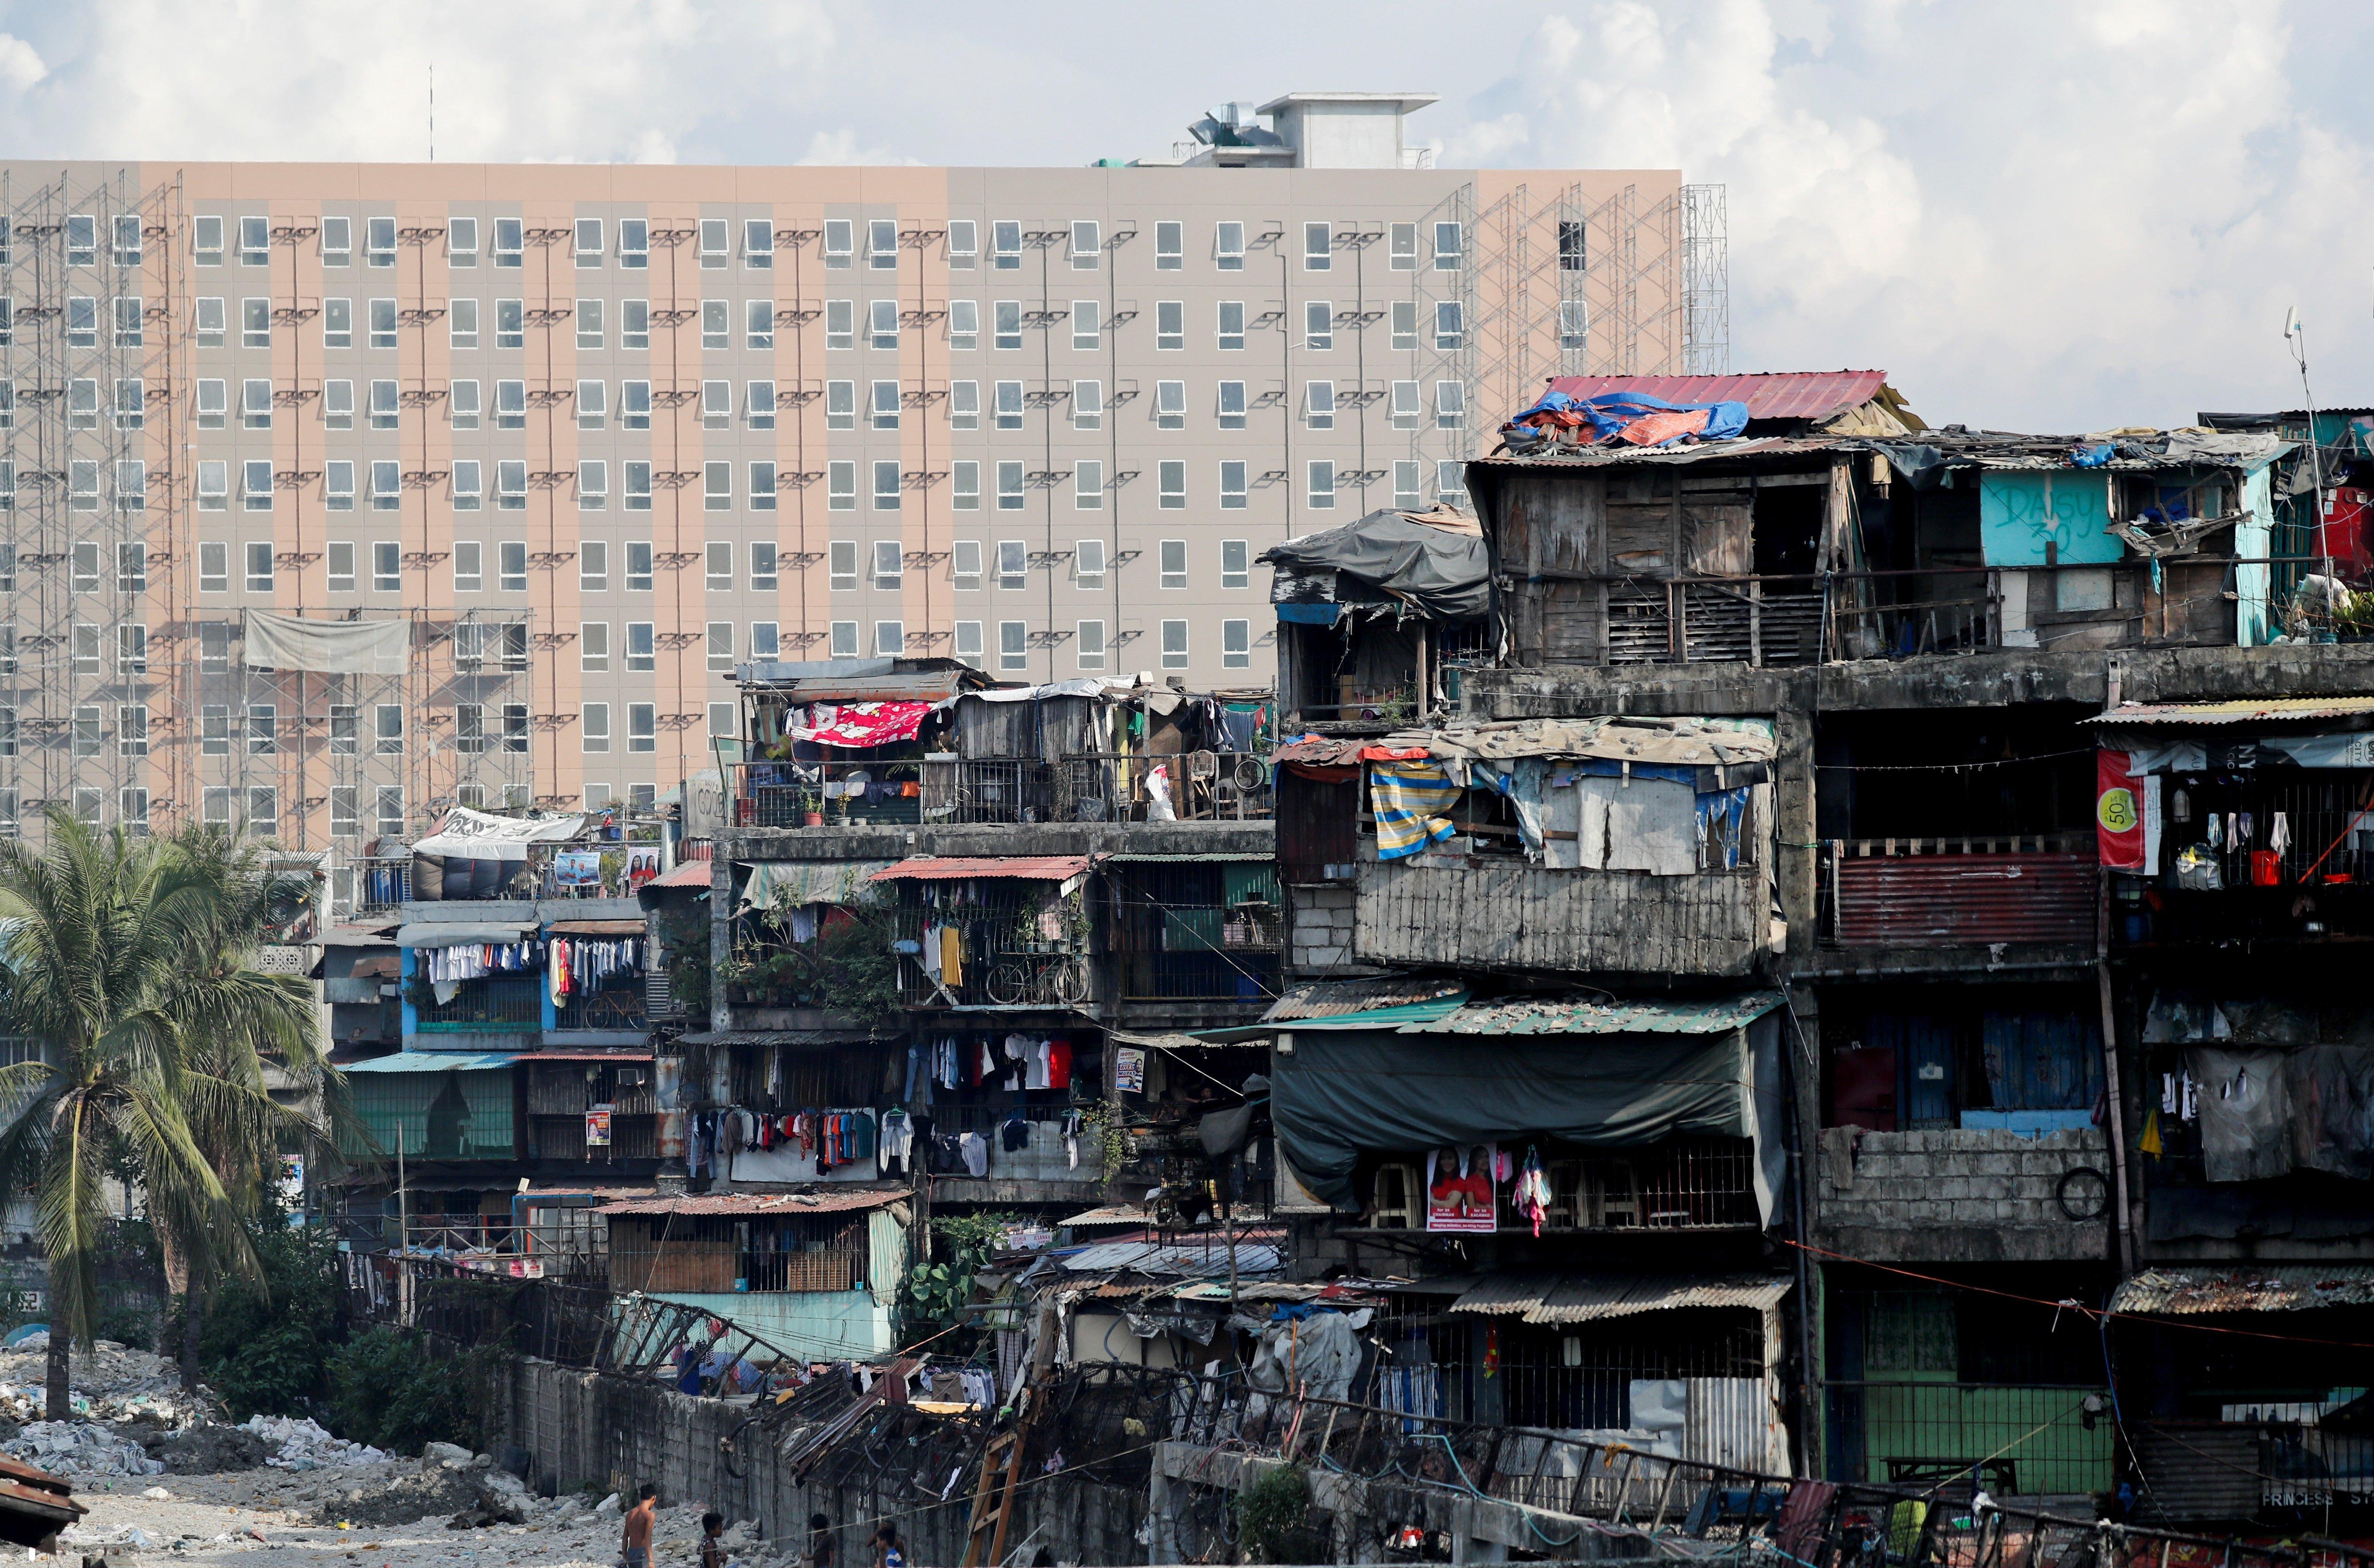 Σπίτι σε παραγκούπολη στις Φιλιππίνες θριαμβεύει στον διεθνή διαγωνισμό «Πόλεις του